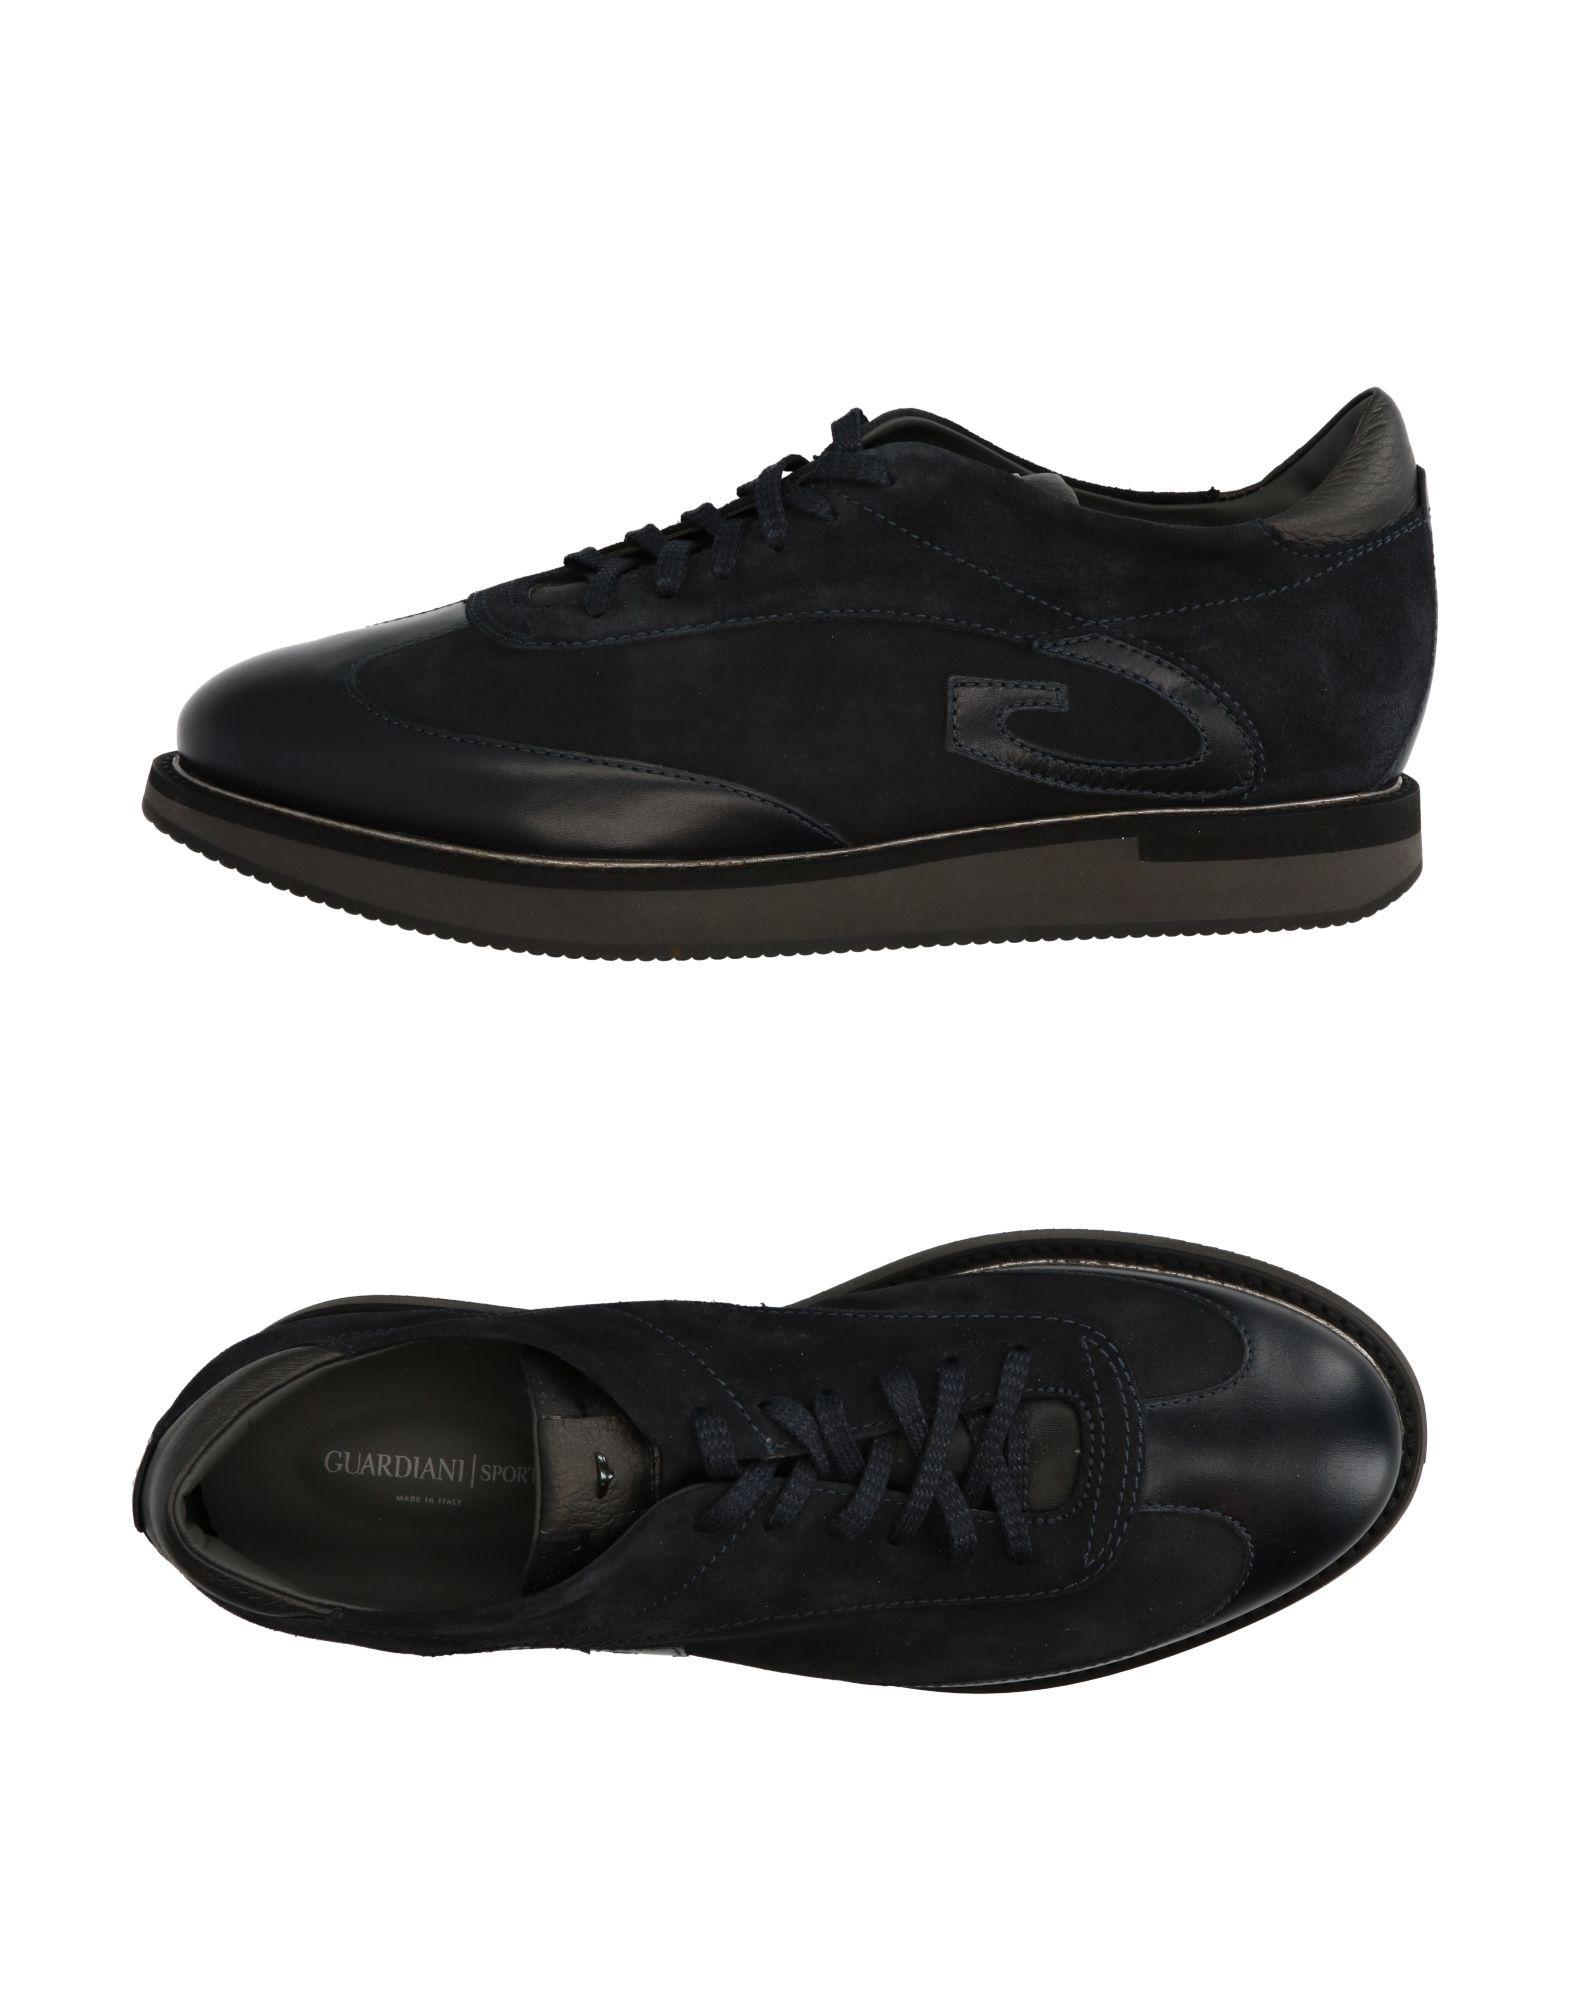 Alberto Guardiani Sneakers Herren  11259819VQ Gute Qualität beliebte Schuhe